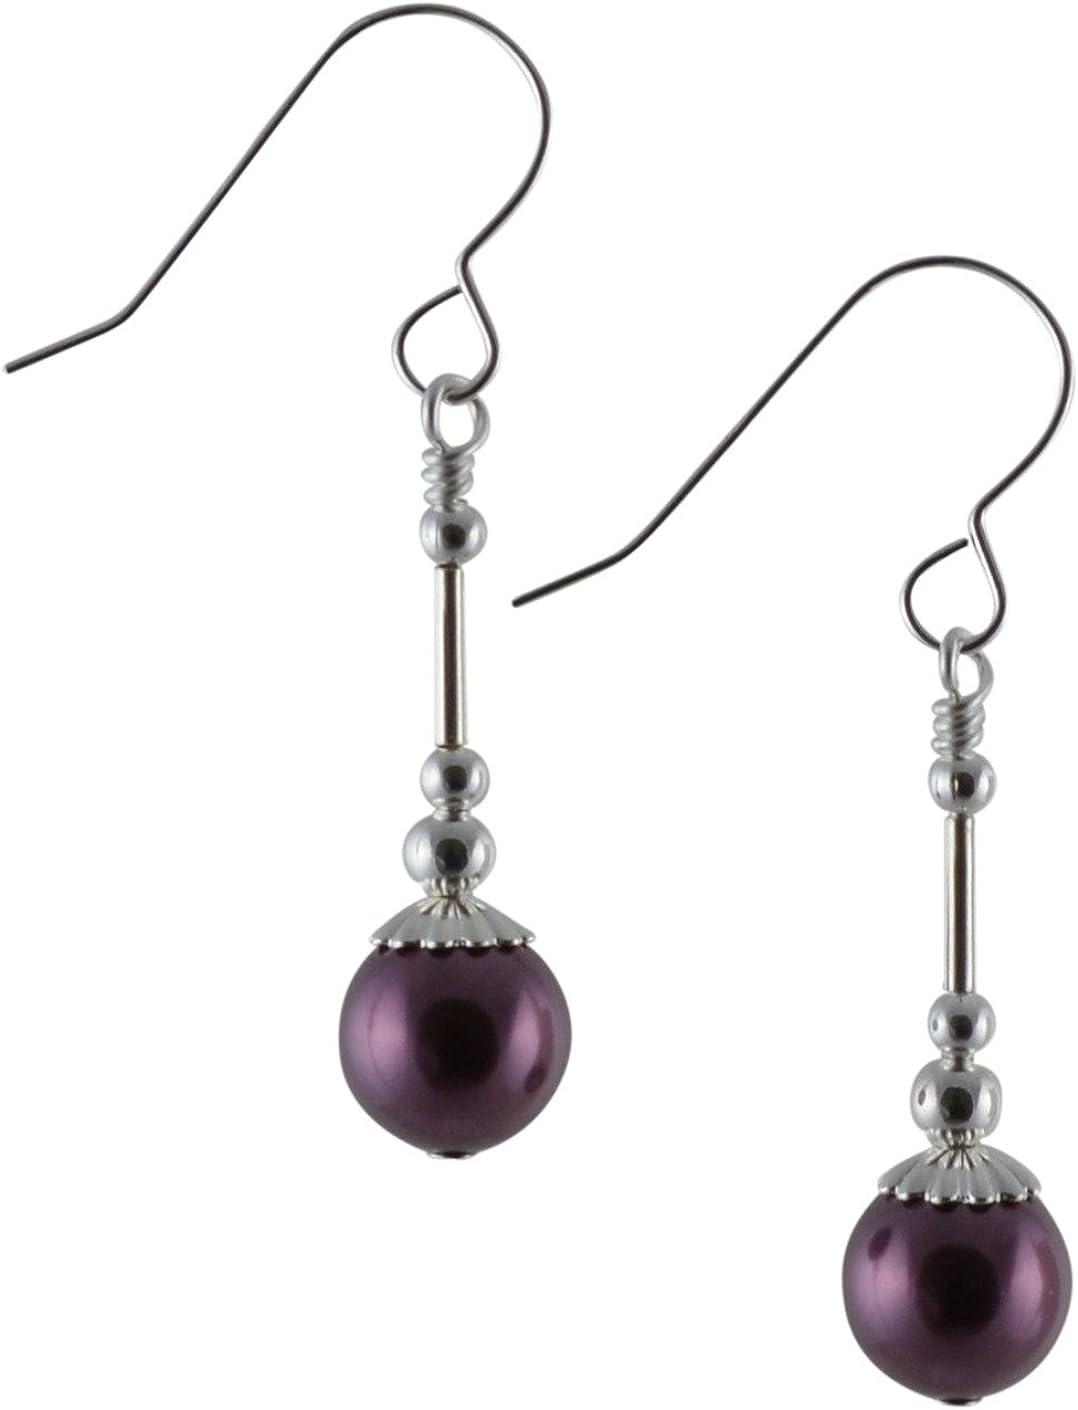 Pendientes de gota de plata de ley con perlas de cristal de Swarovski, color morado burdeos, con caja de regalo